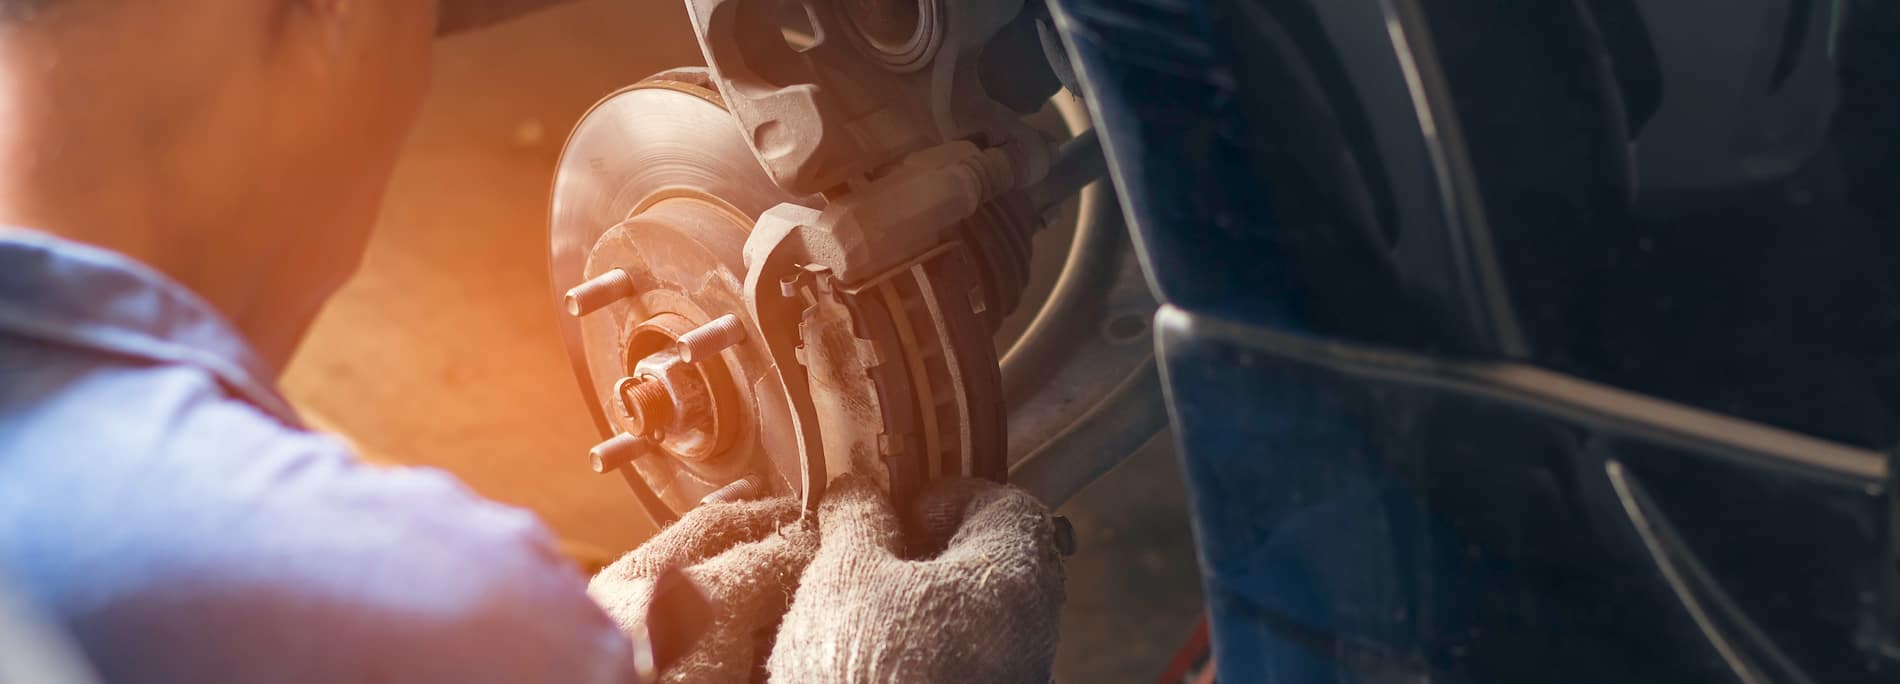 Brake Repair Westminster CA